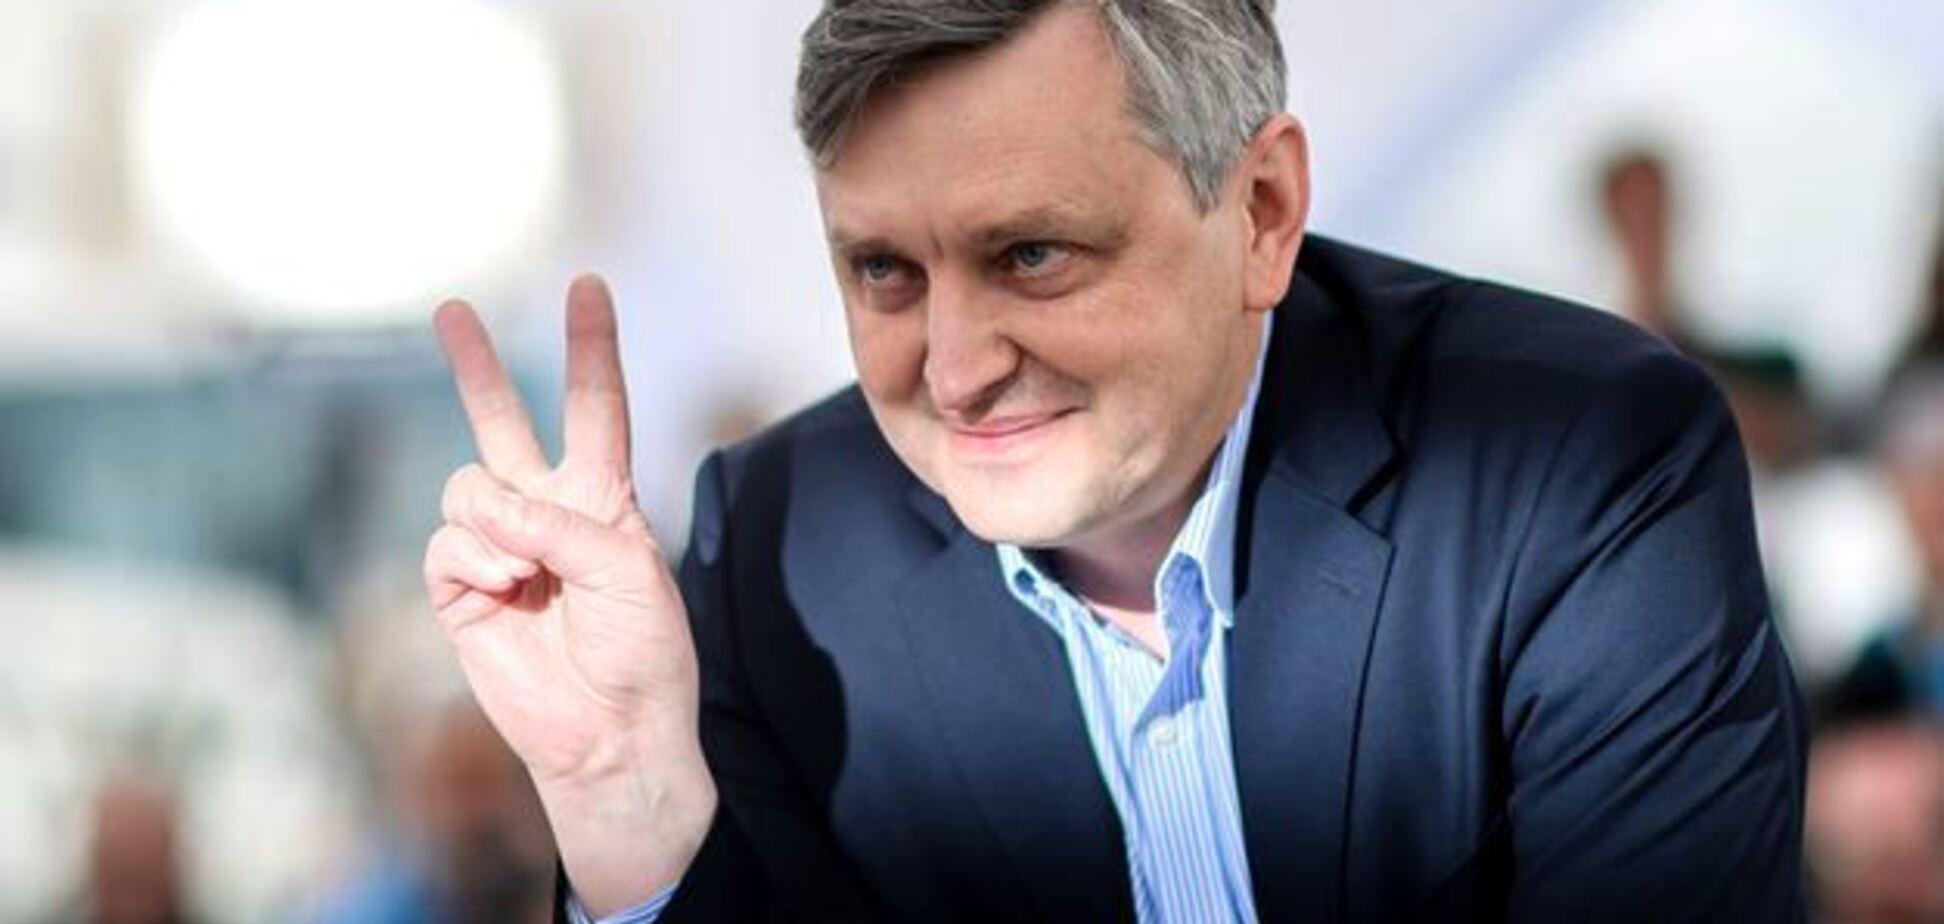 Хто зможе відновити Донбас? Український режисер запропонував несподіване рішення